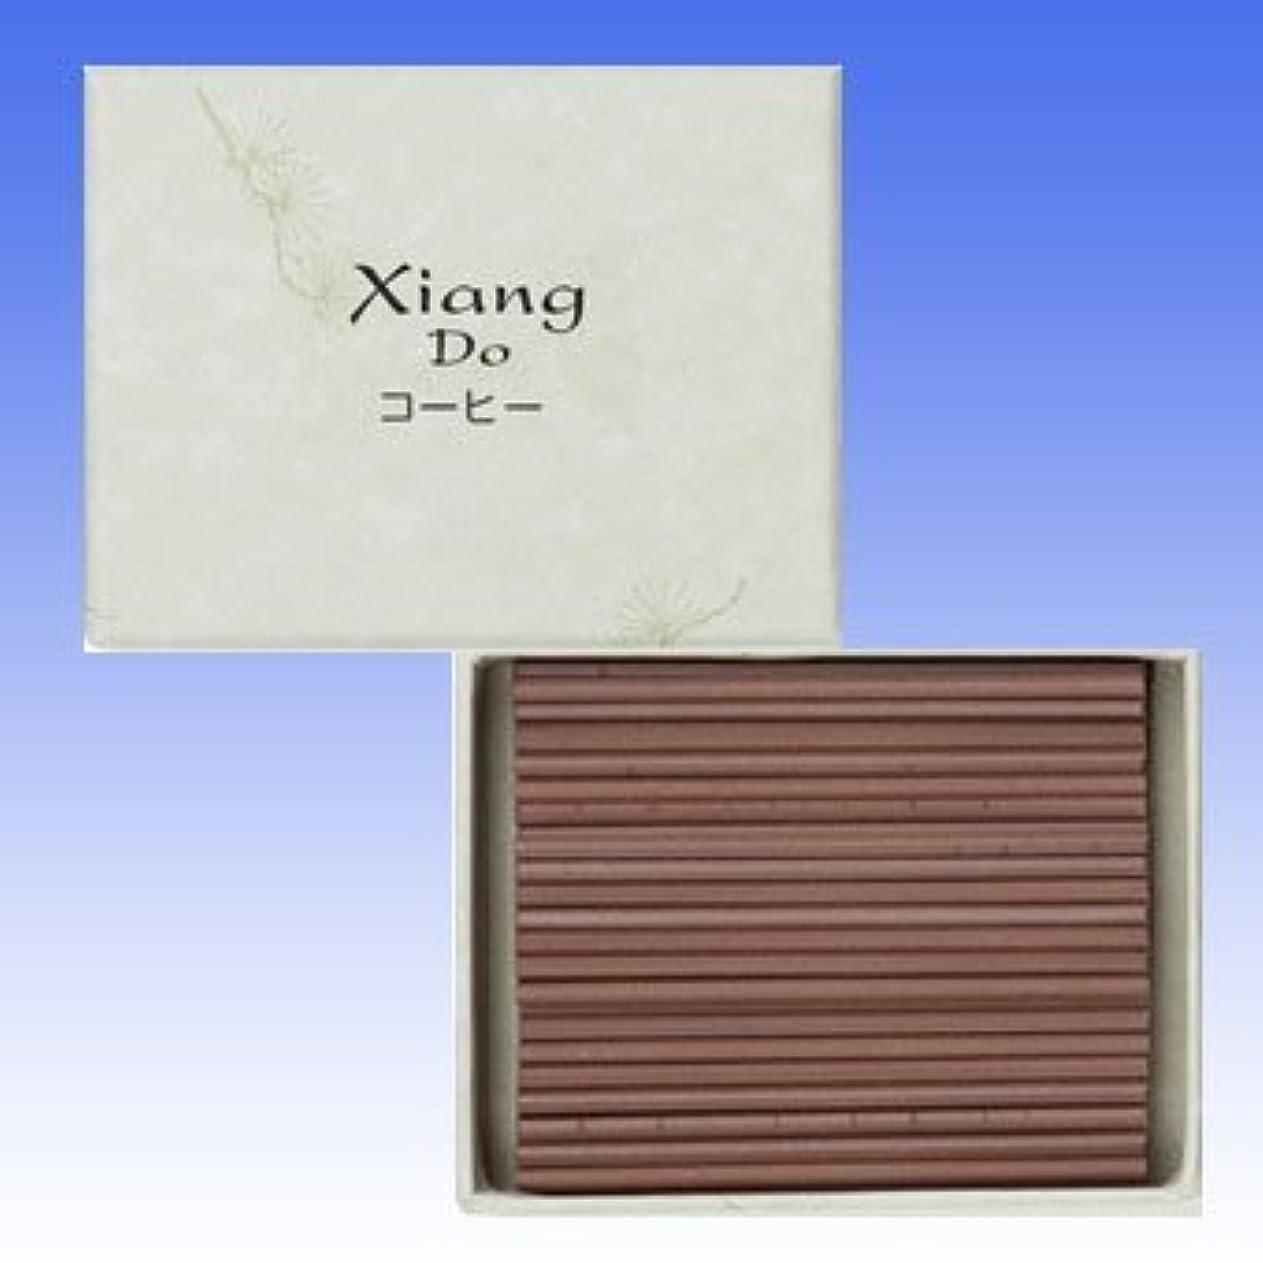 ハミングバードブーム終わった松栄堂 Xiang Do(シァン ドゥ) 徳用120本入 (コーヒー)